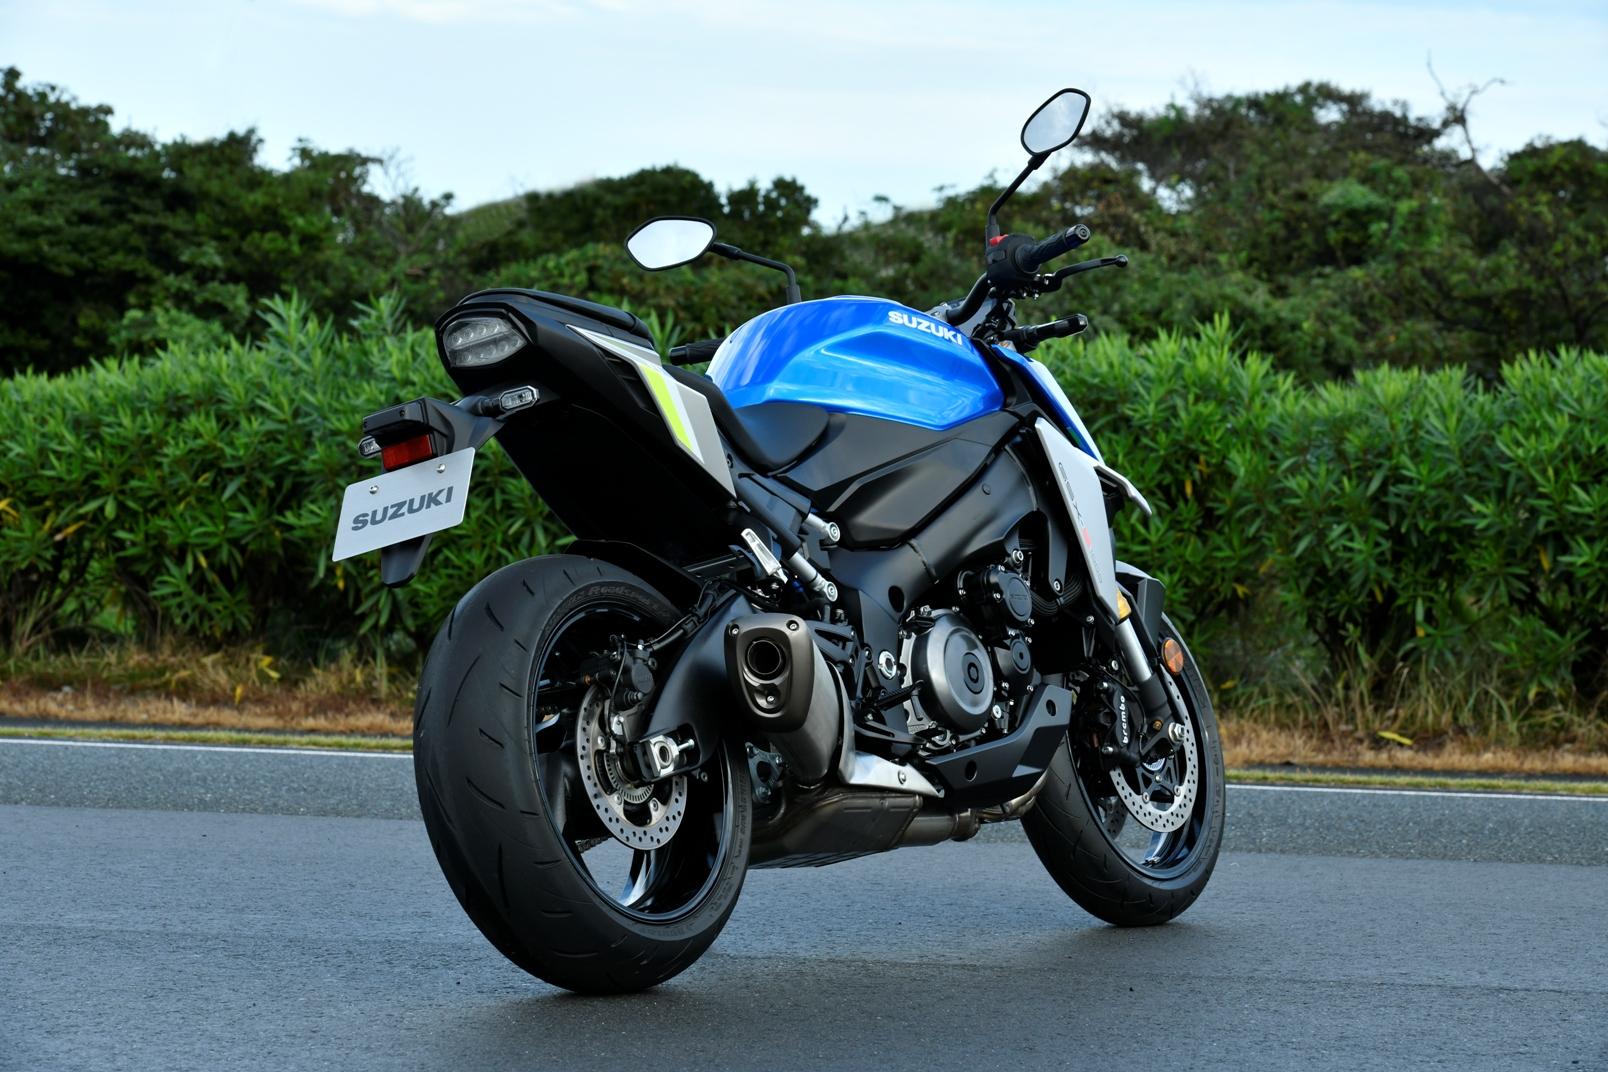 Suzuki Gsx S 1000 2021 (14)